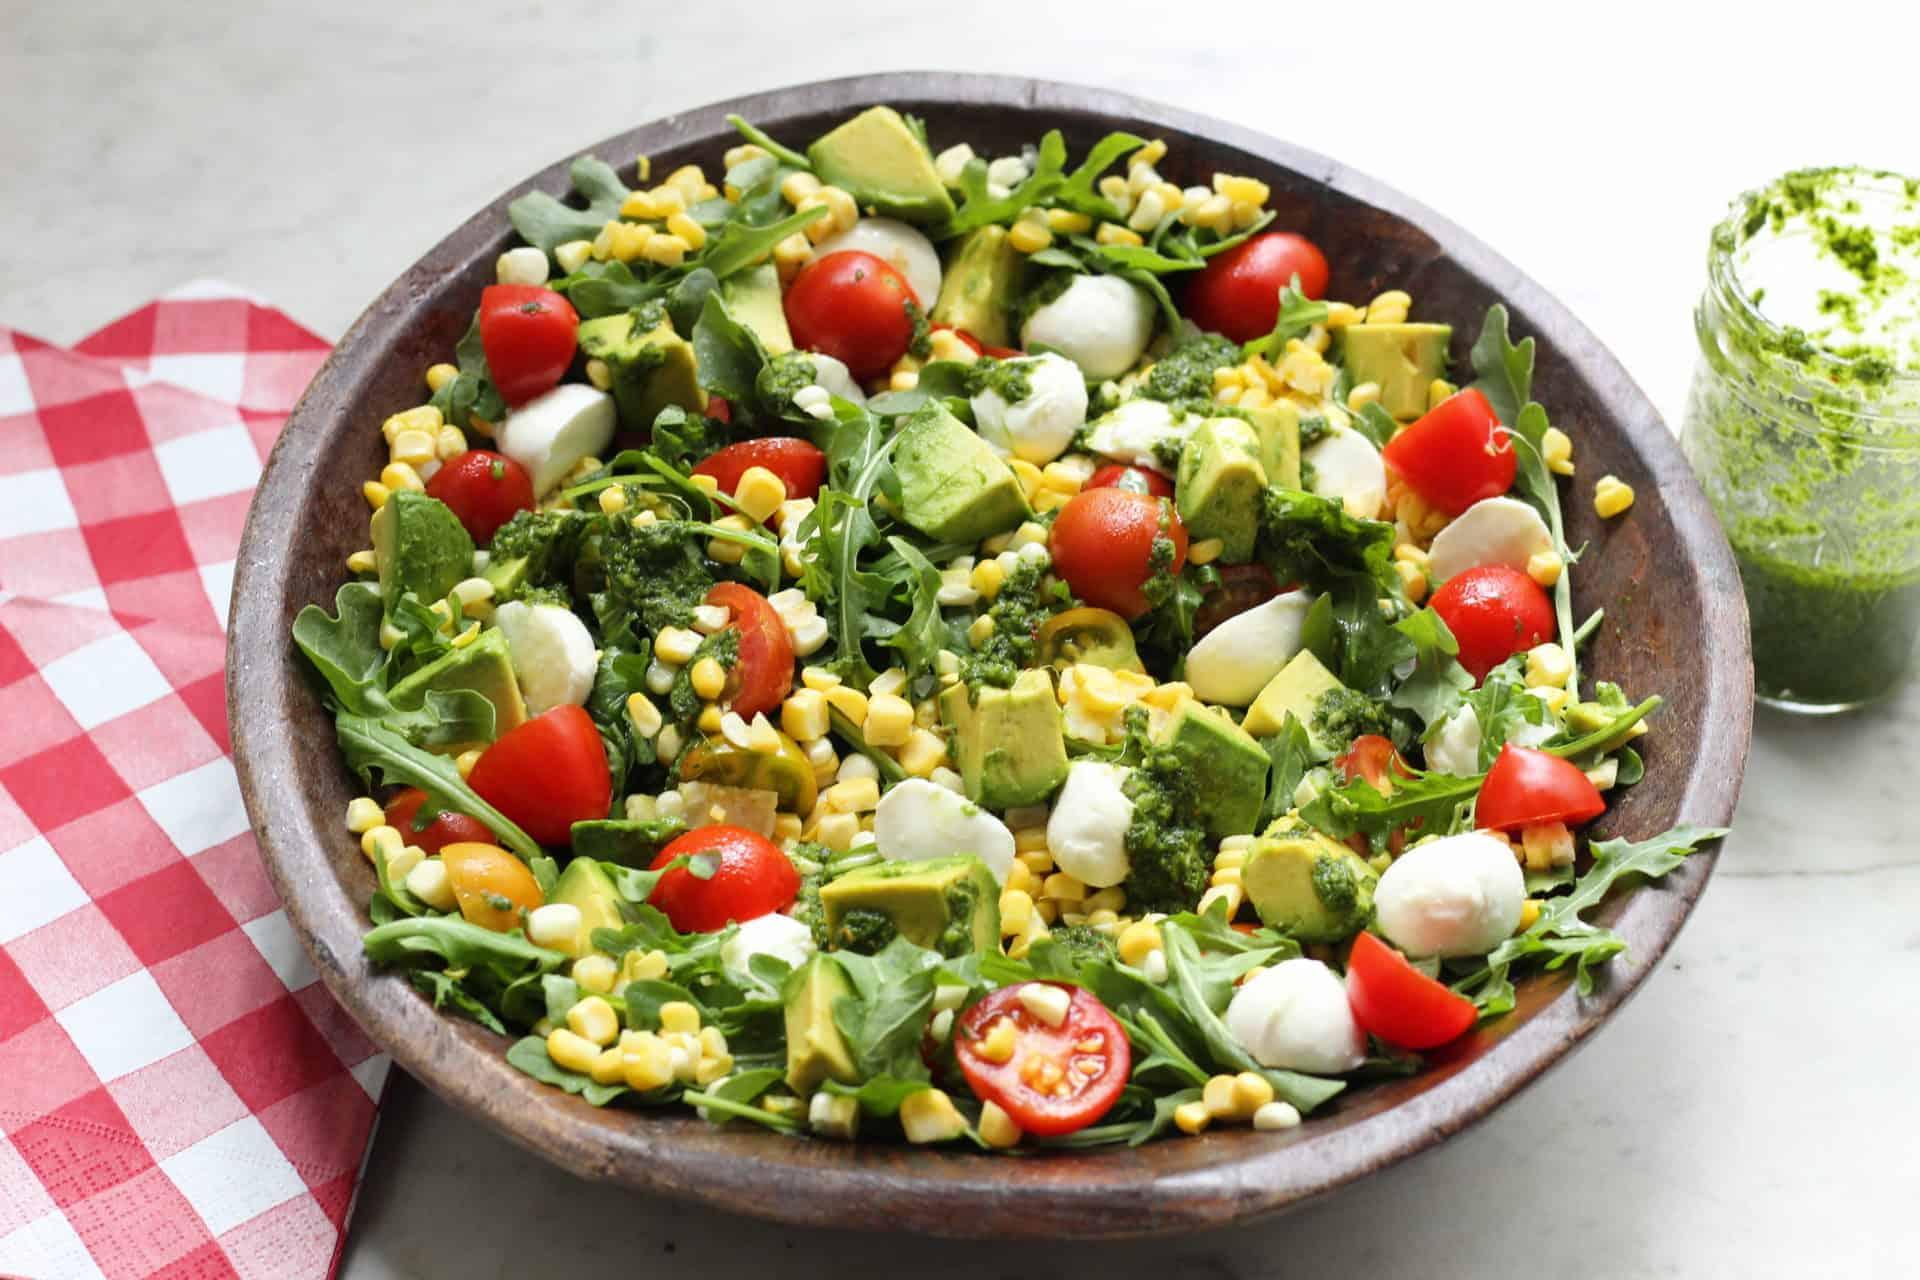 Salads, Side Dishes, Summer, Vegetarian, Gluten-Free